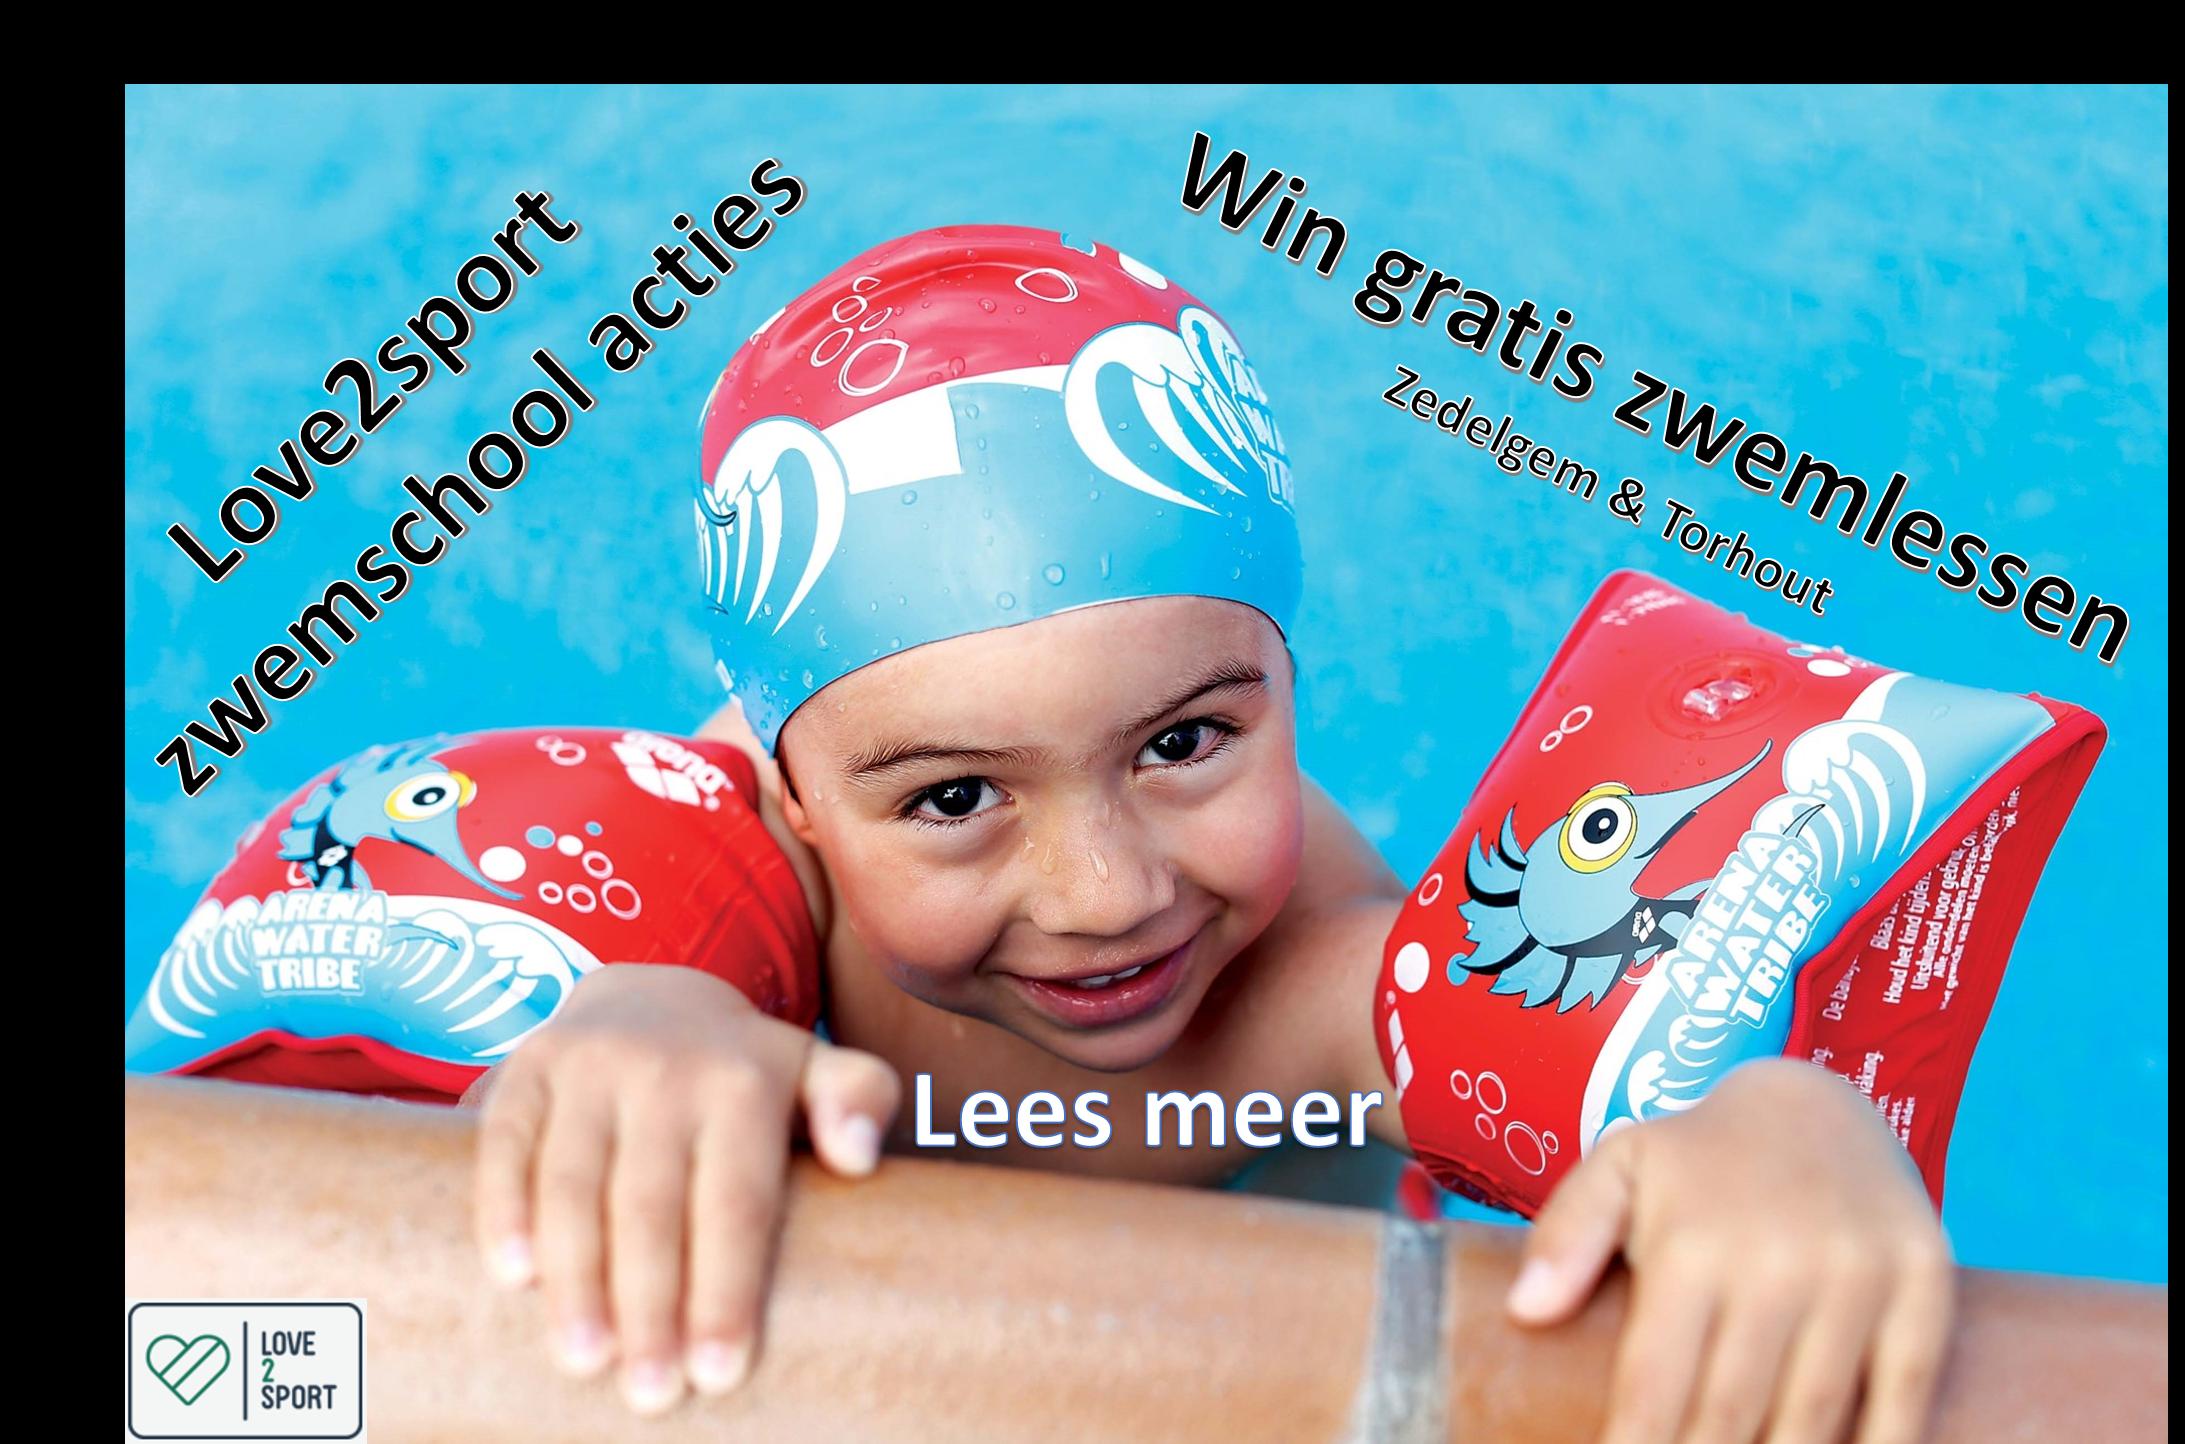 Love2sport zwemschool acties!